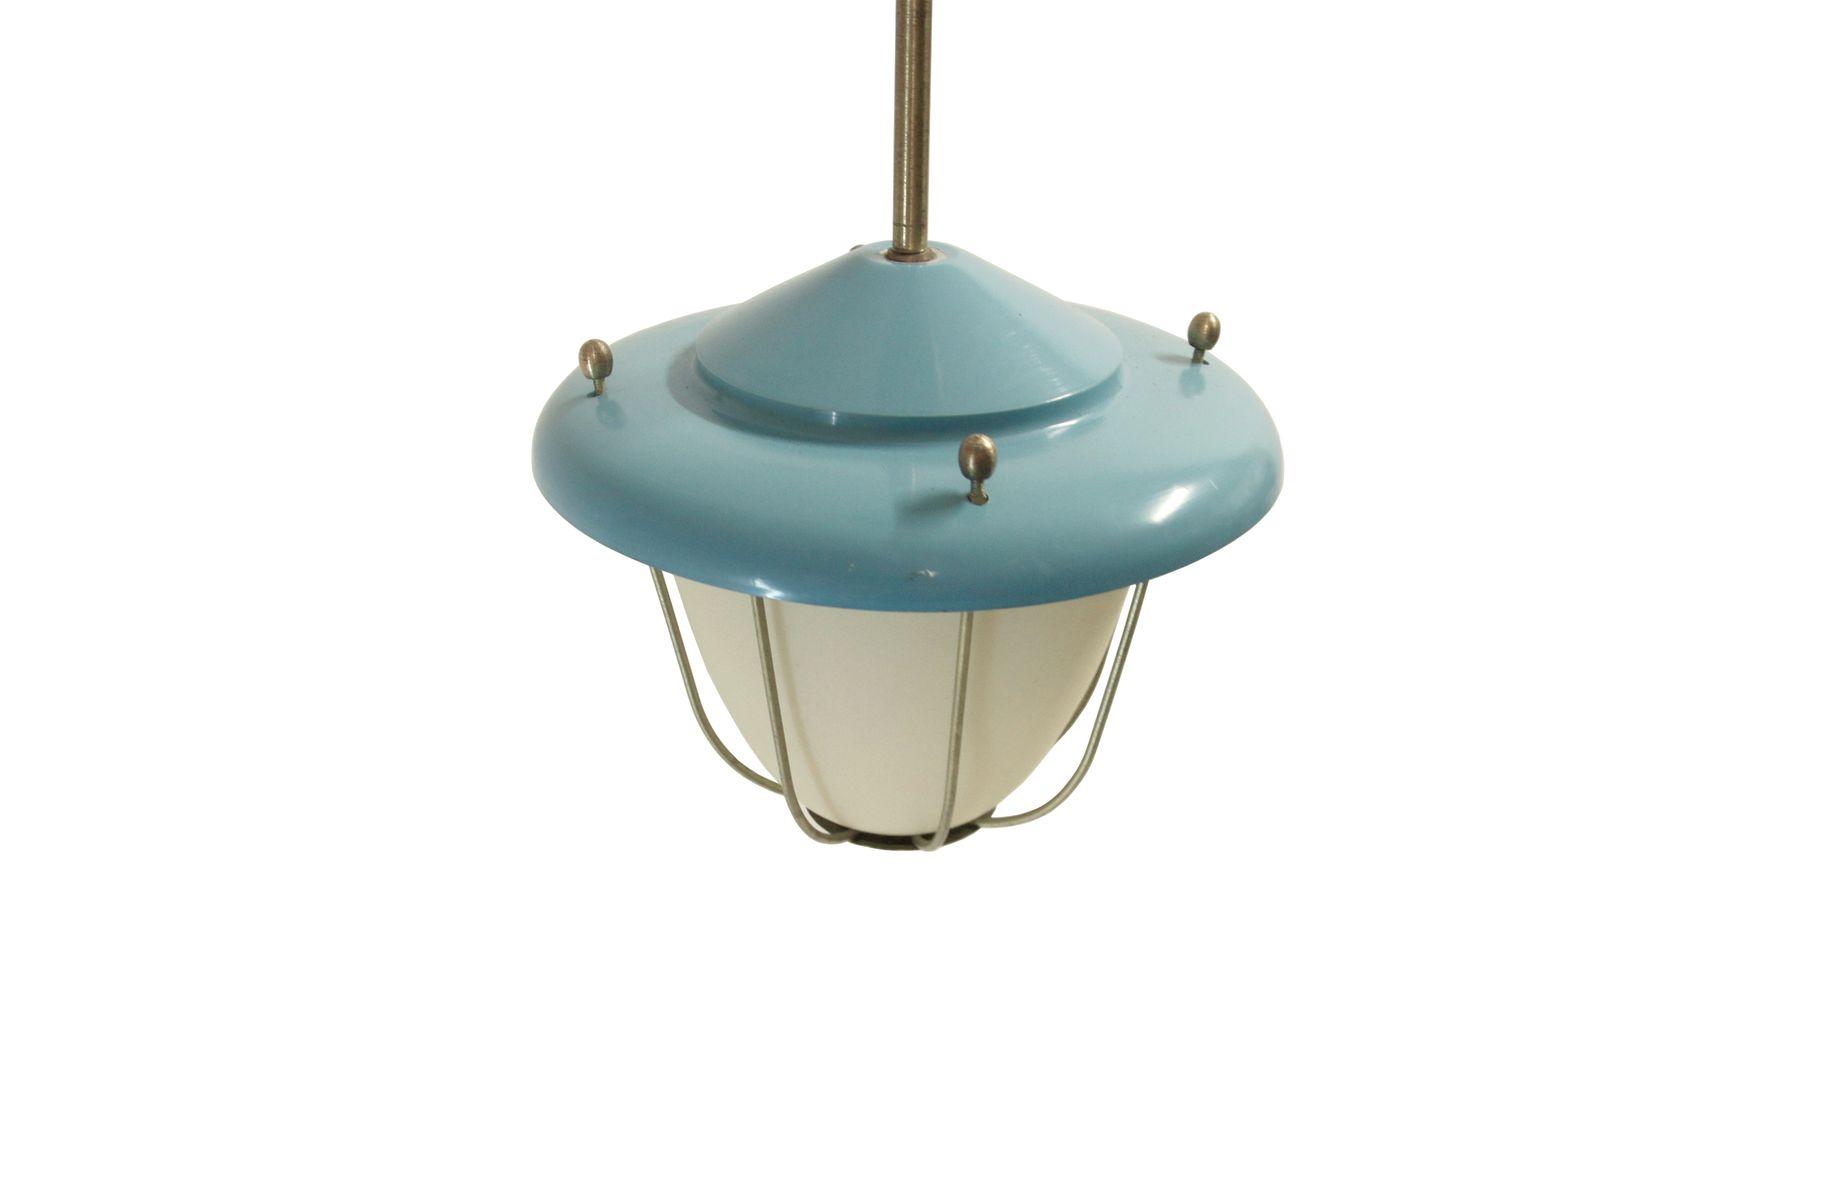 funktionalistische deckenlampe 1950er bei pamono kaufen. Black Bedroom Furniture Sets. Home Design Ideas